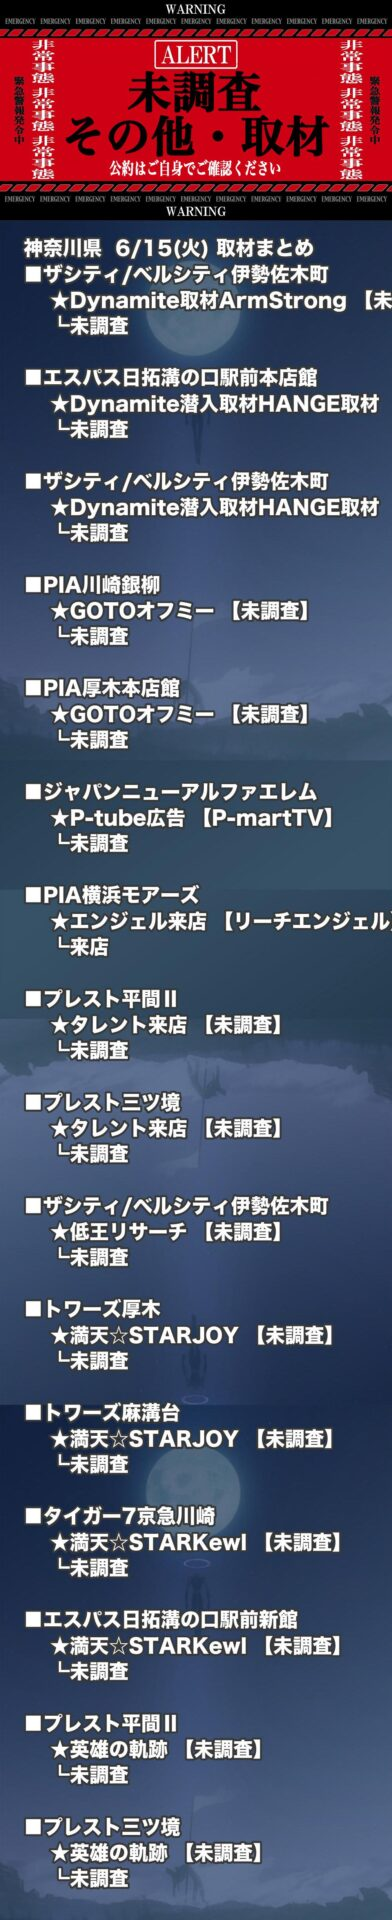 神奈川県_2021-06-15_未調査_パチンコ・パチスロ